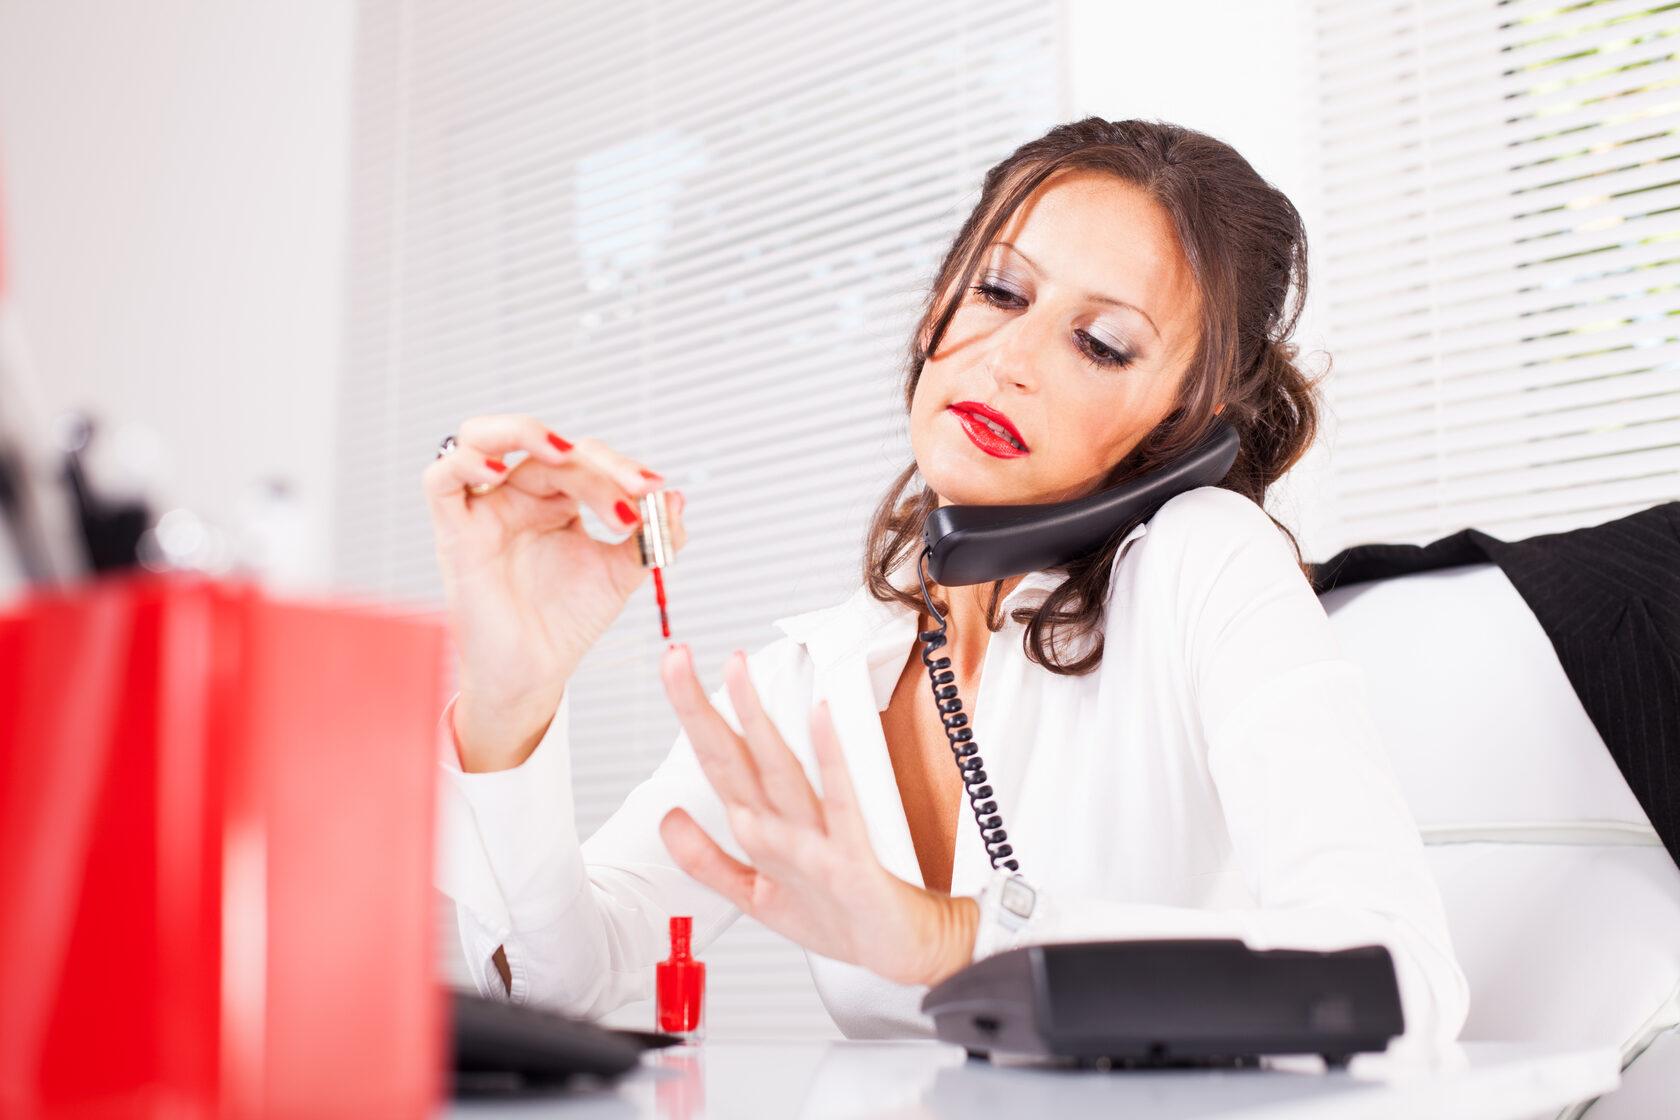 Общение онлайн не профессиональных компаний